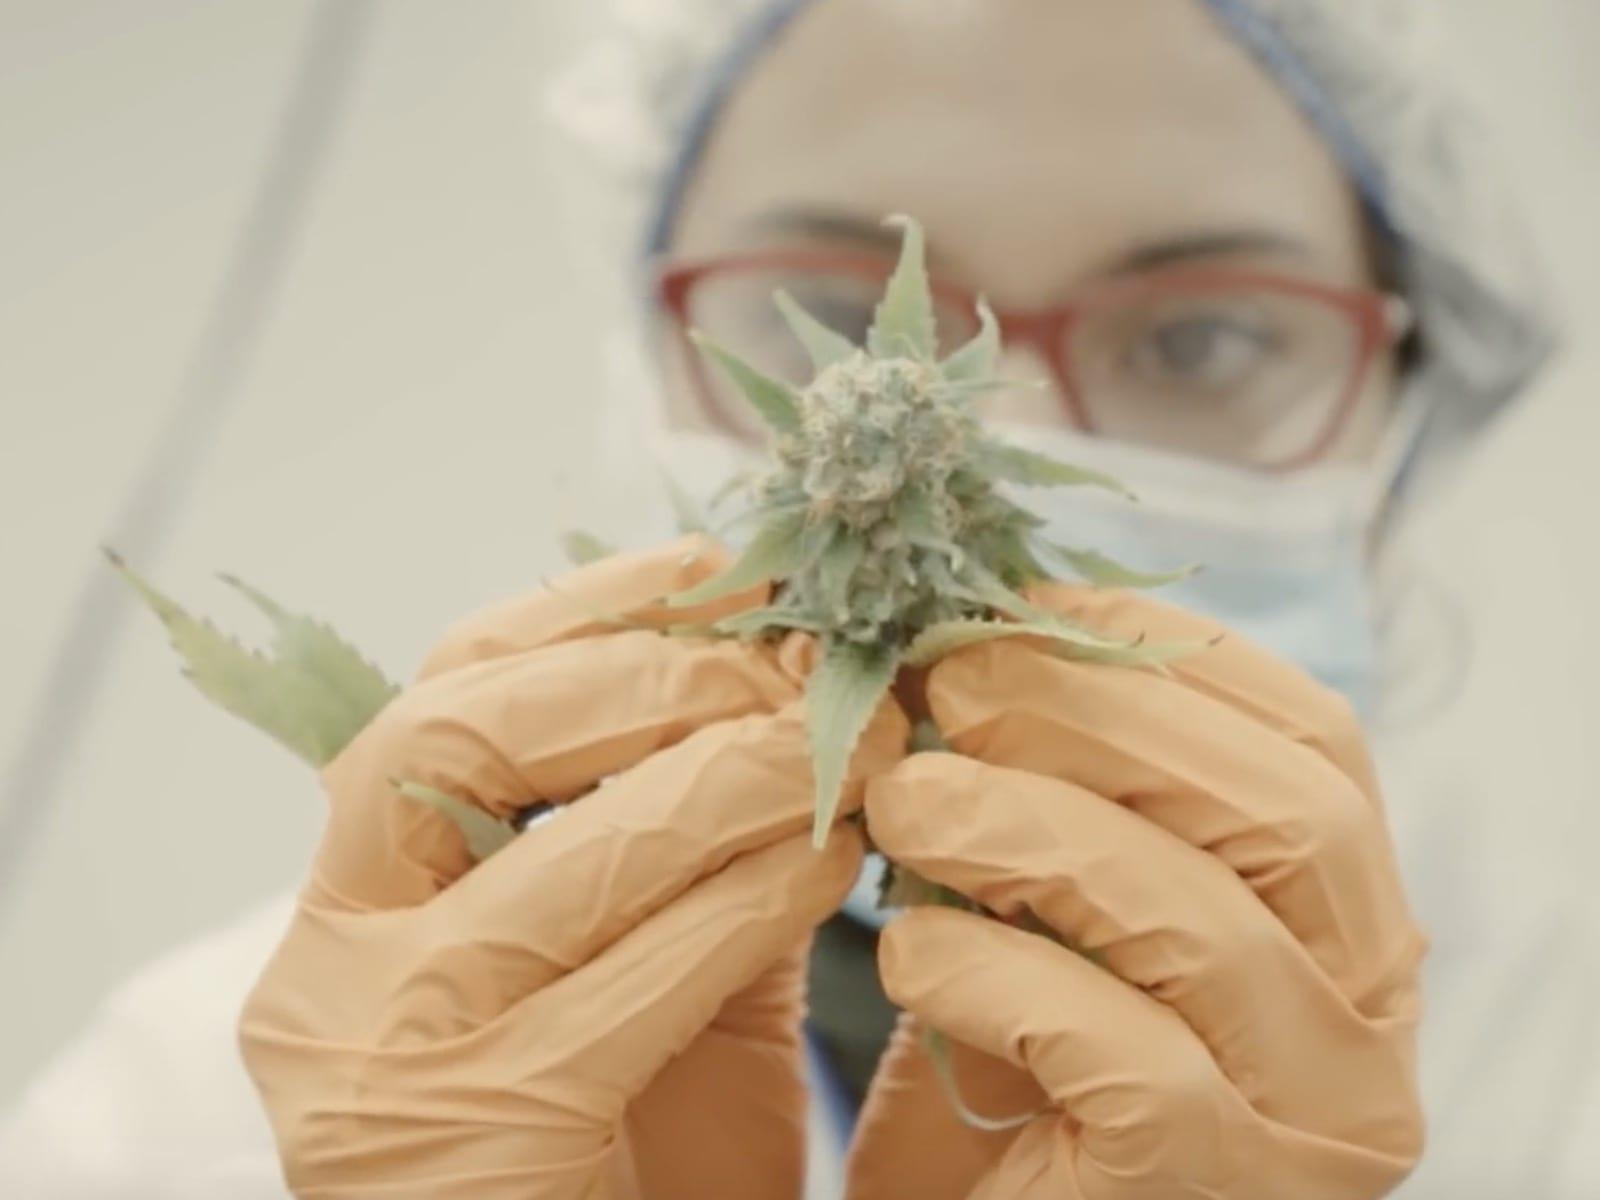 Cannabis Video 12-7-19